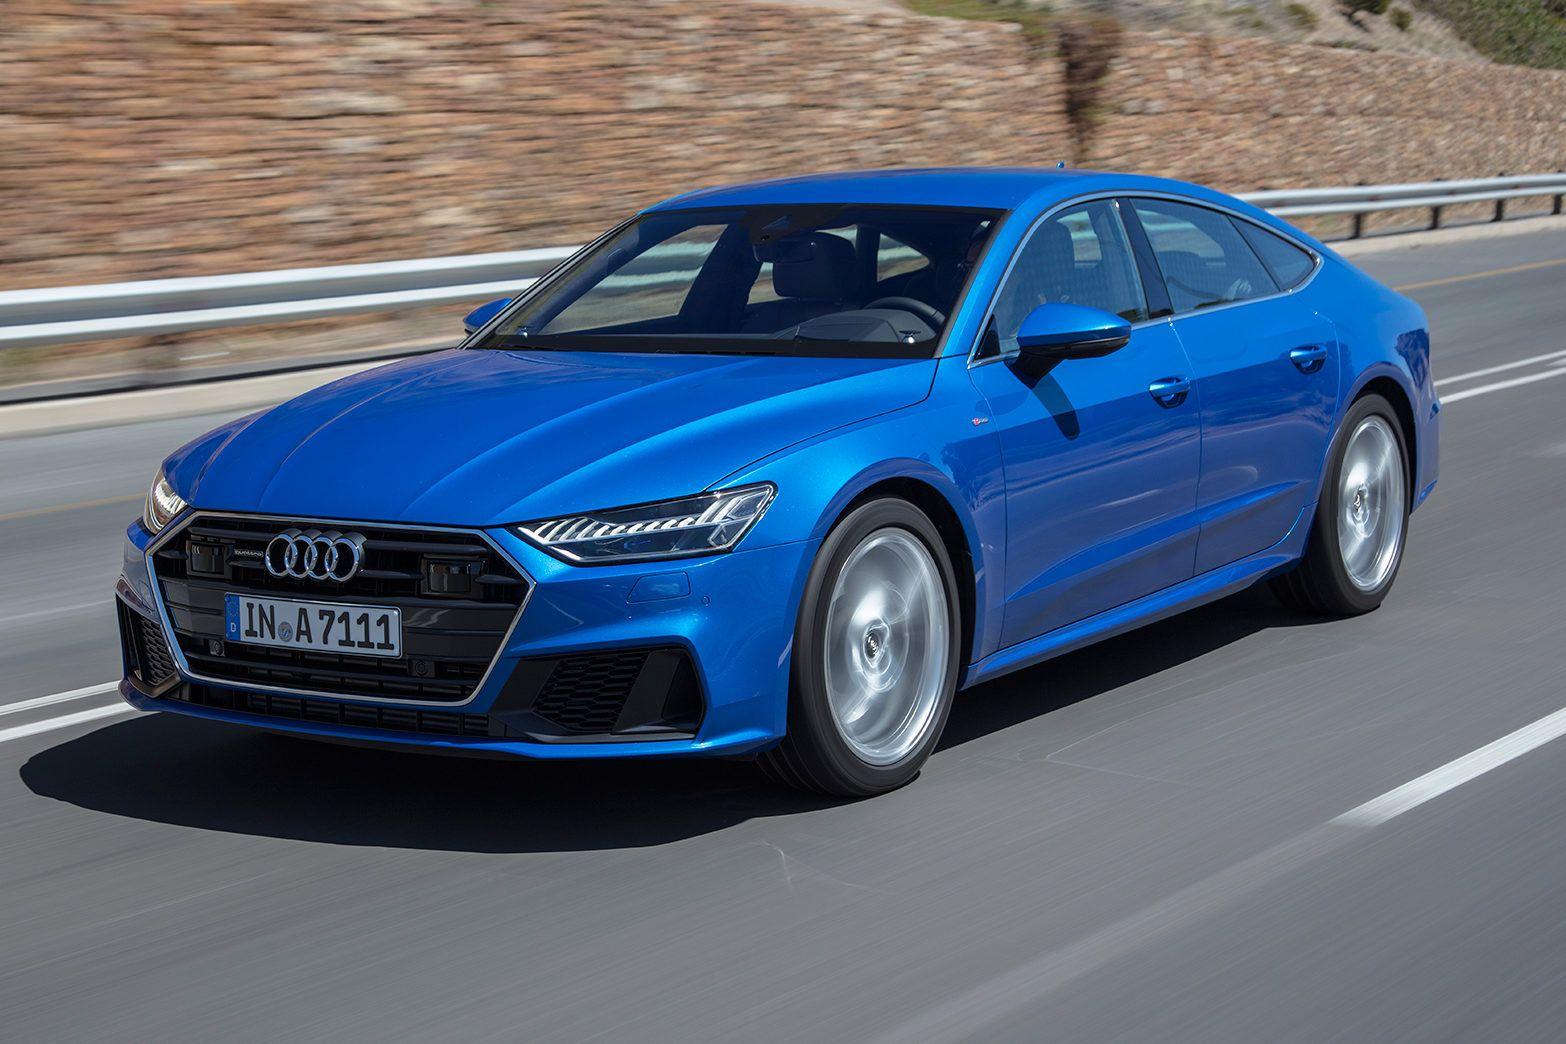 2019 Audi A7 First Drive South African Soundtrack Audi A7 Audi Audi Quattro